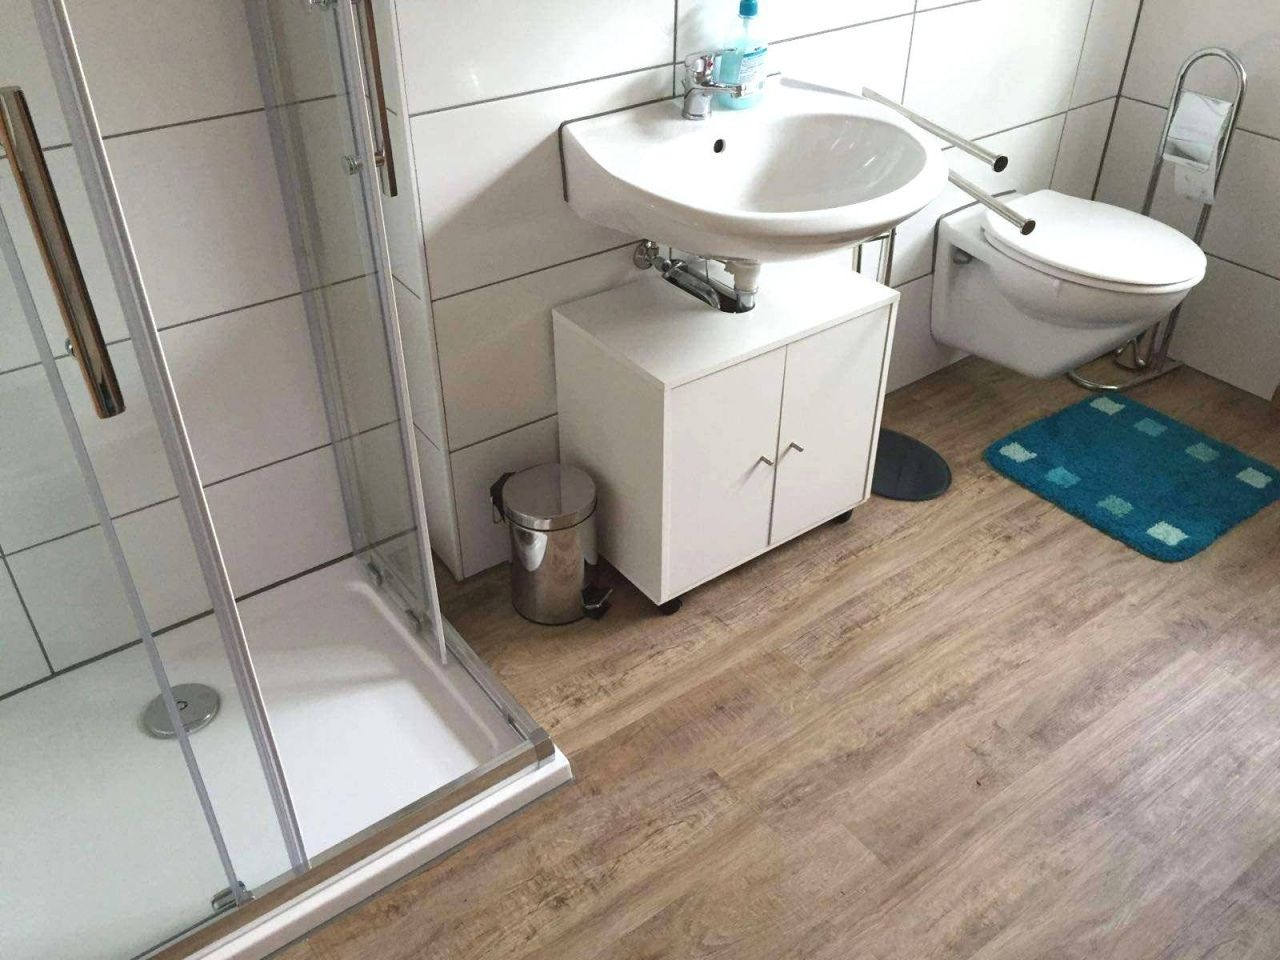 Badezimmer Ideen Boden Badezimmer Fliesen Kaufen Pvc Boden Pvc Badezimmer 0d Gallery Bad Fliesen Zuerst Boden Oder Wand Badezimmer Fliesen Mosaik Bad Erstau